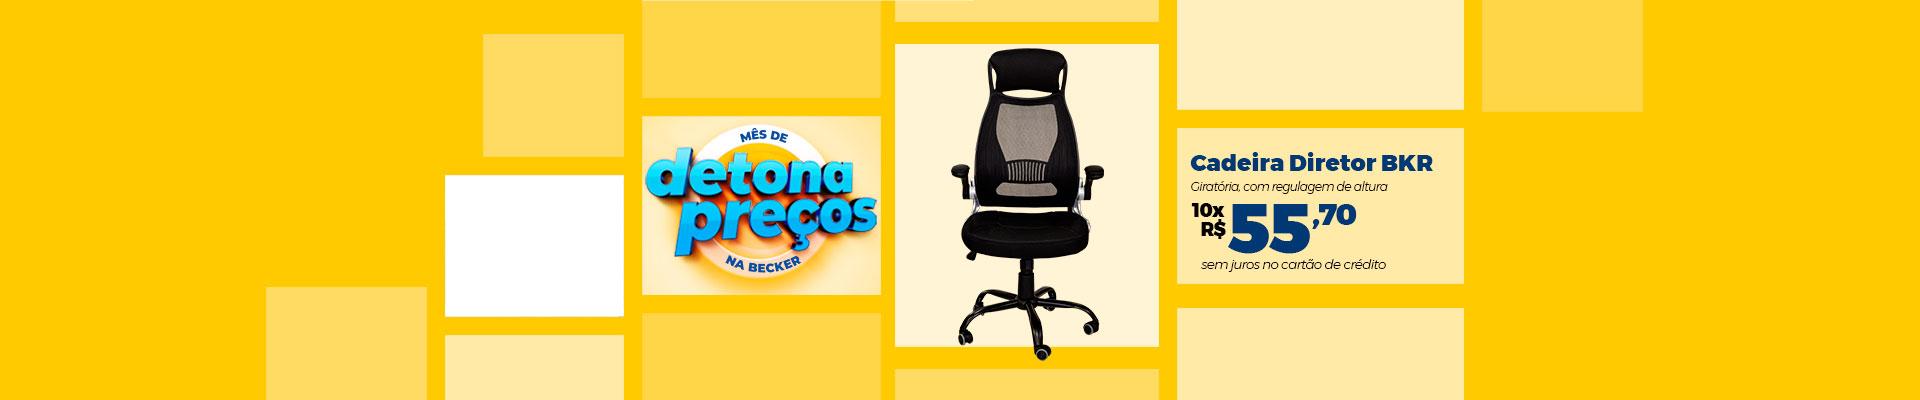 JANEIRO - Cadeira BKR